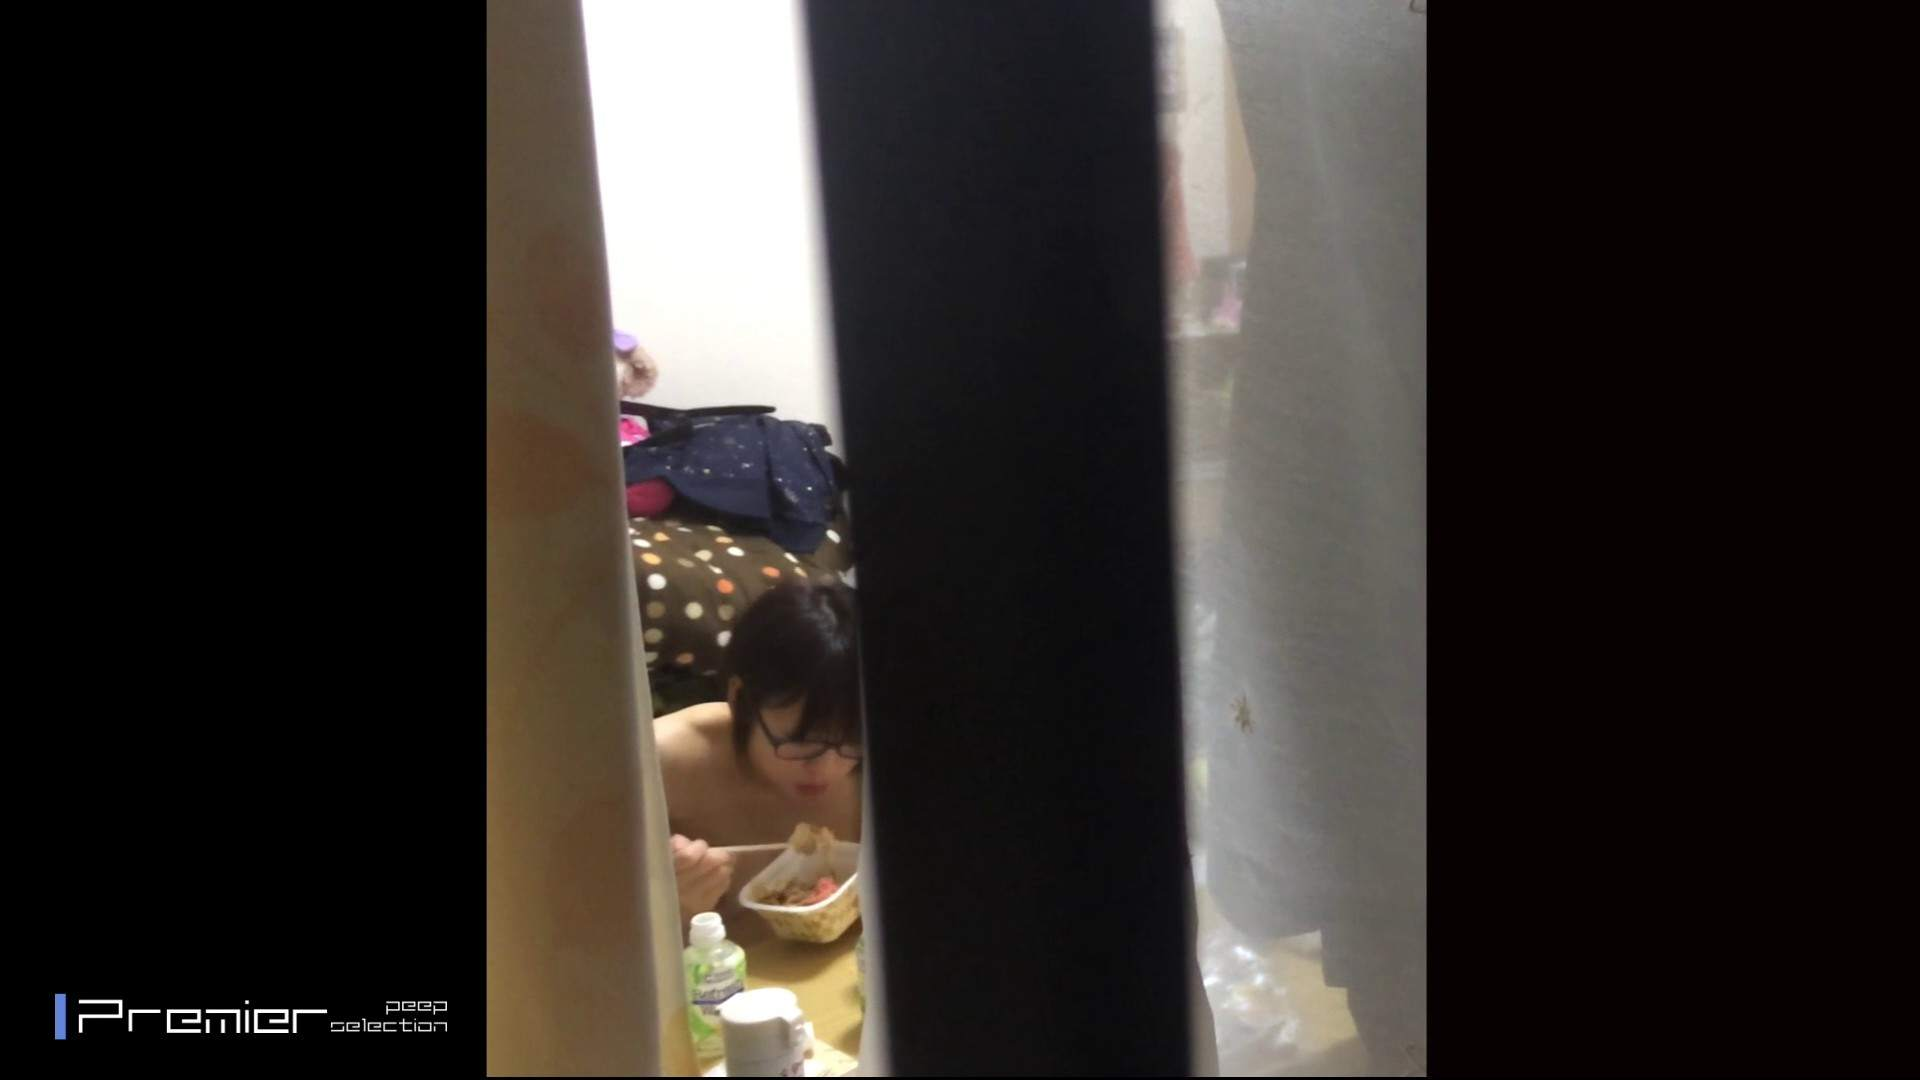 眼鏡美女の食事を隠し撮り 乙女の風呂場 Vol.05 美女達のヌード | 入浴シーン  95連発 93